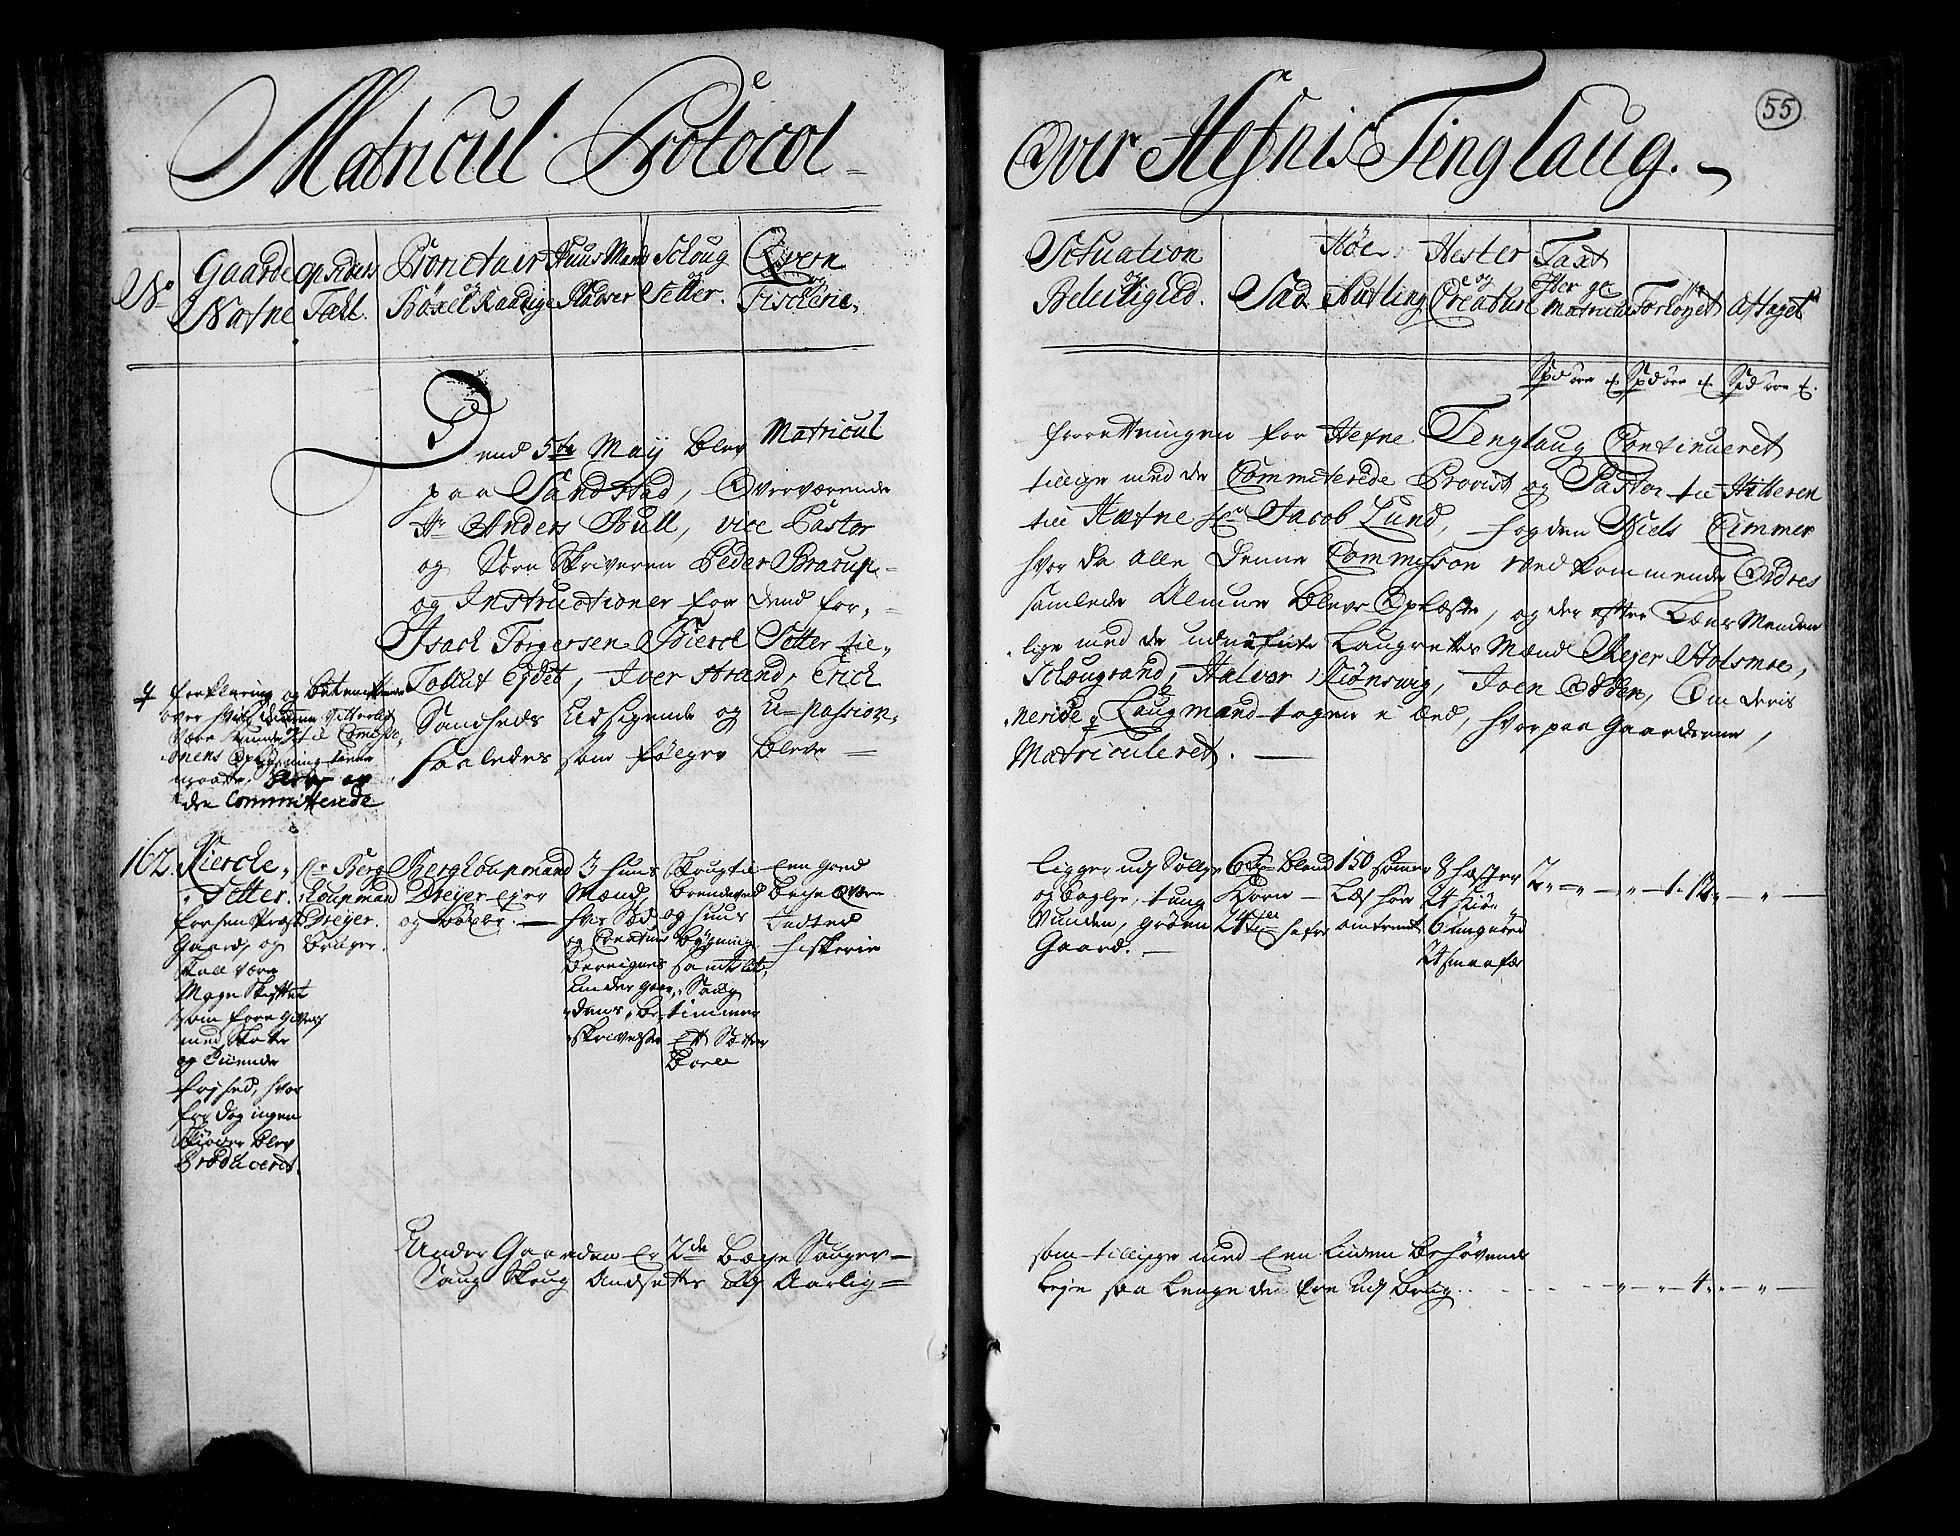 RA, Rentekammeret inntil 1814, Realistisk ordnet avdeling, N/Nb/Nbf/L0162: Fosen eksaminasjonsprotokoll, 1723, s. 54b-55a